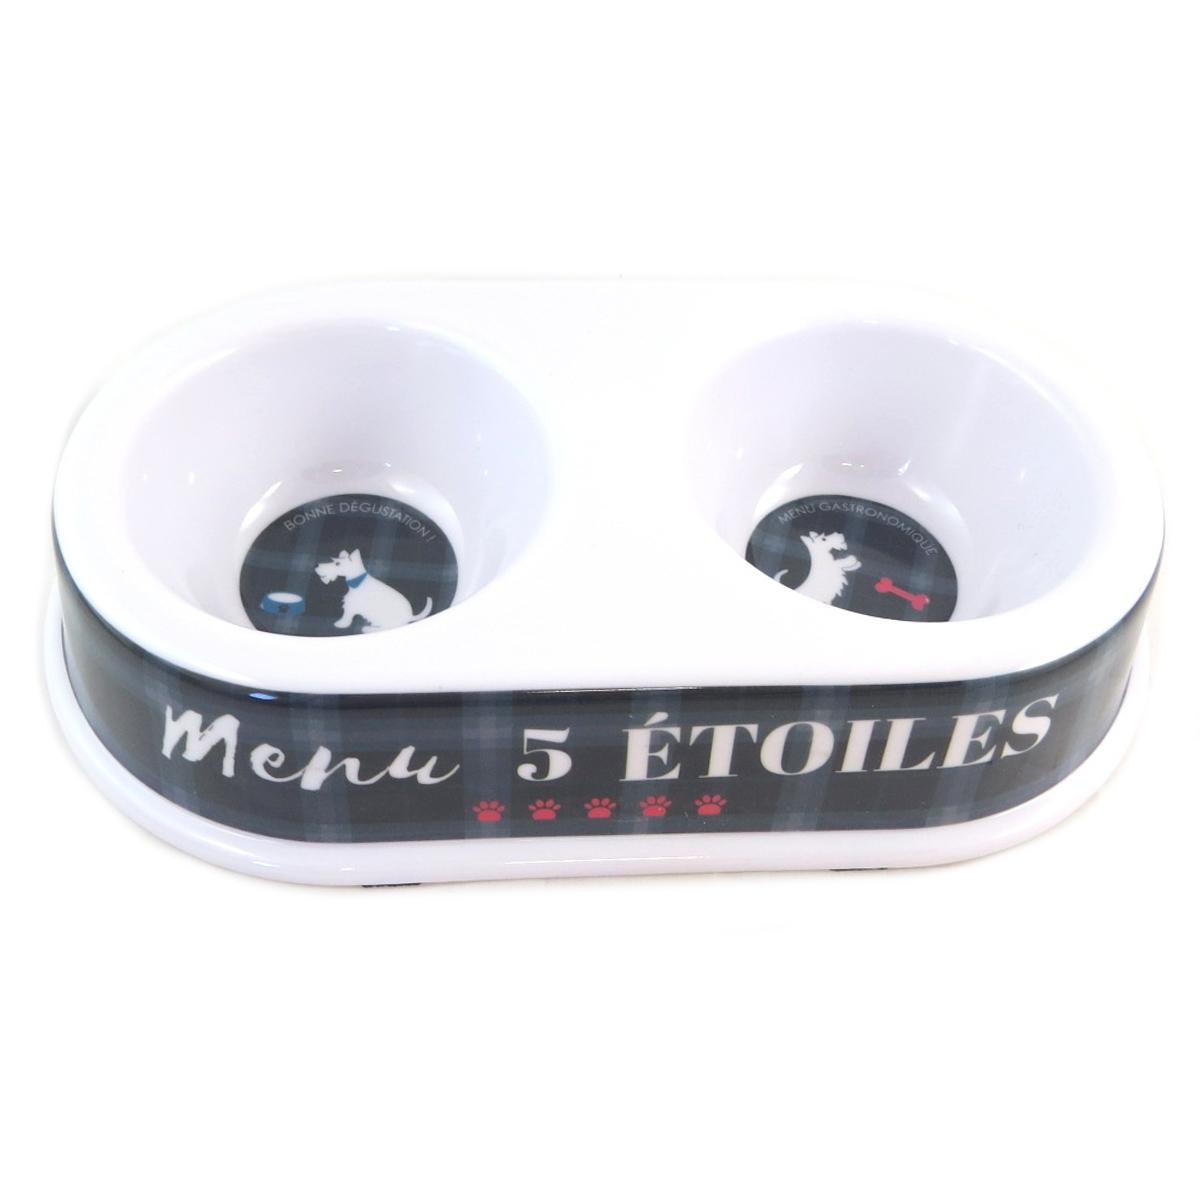 Gamelle double \'Toutou\' (menu 5 étoiles) - 24x5 cm - [Q0397]